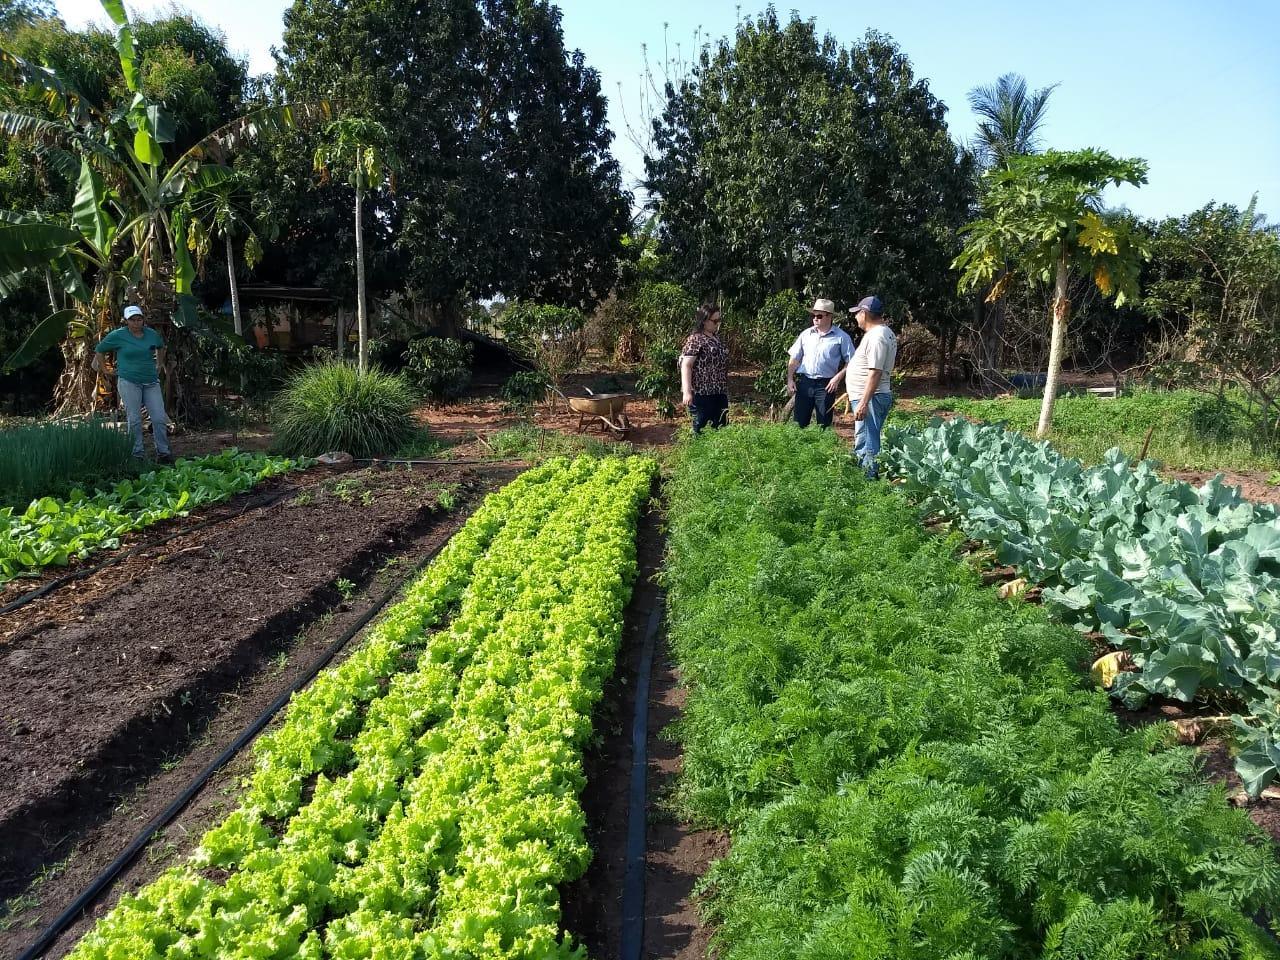 Crescente demanda de alimentos faz com que Departamento de Agronegócio amplie cadastro de pequenos produtores rurais